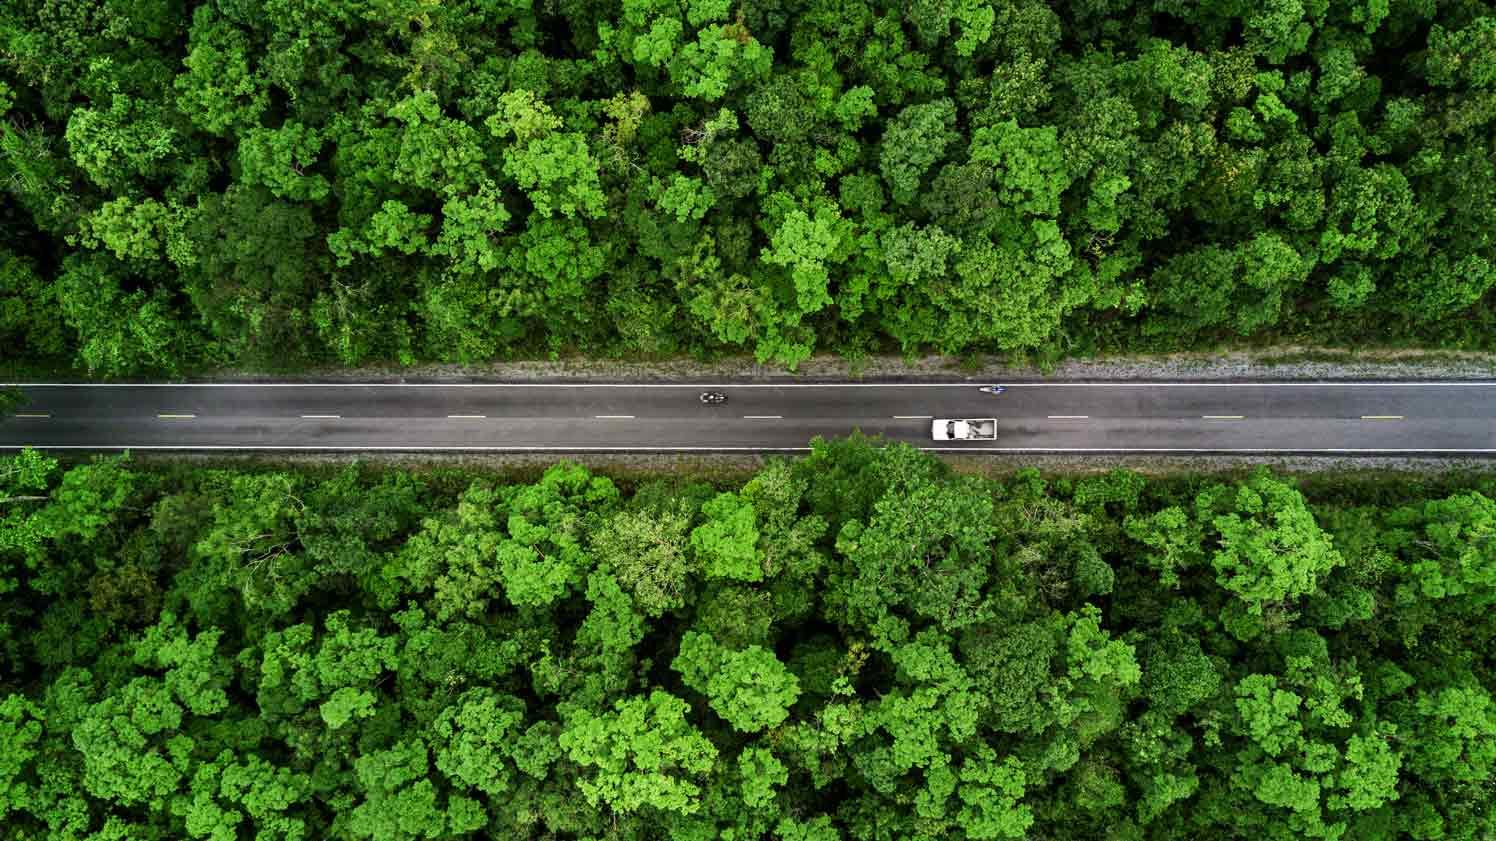 Voiture roulant à travers une forêt